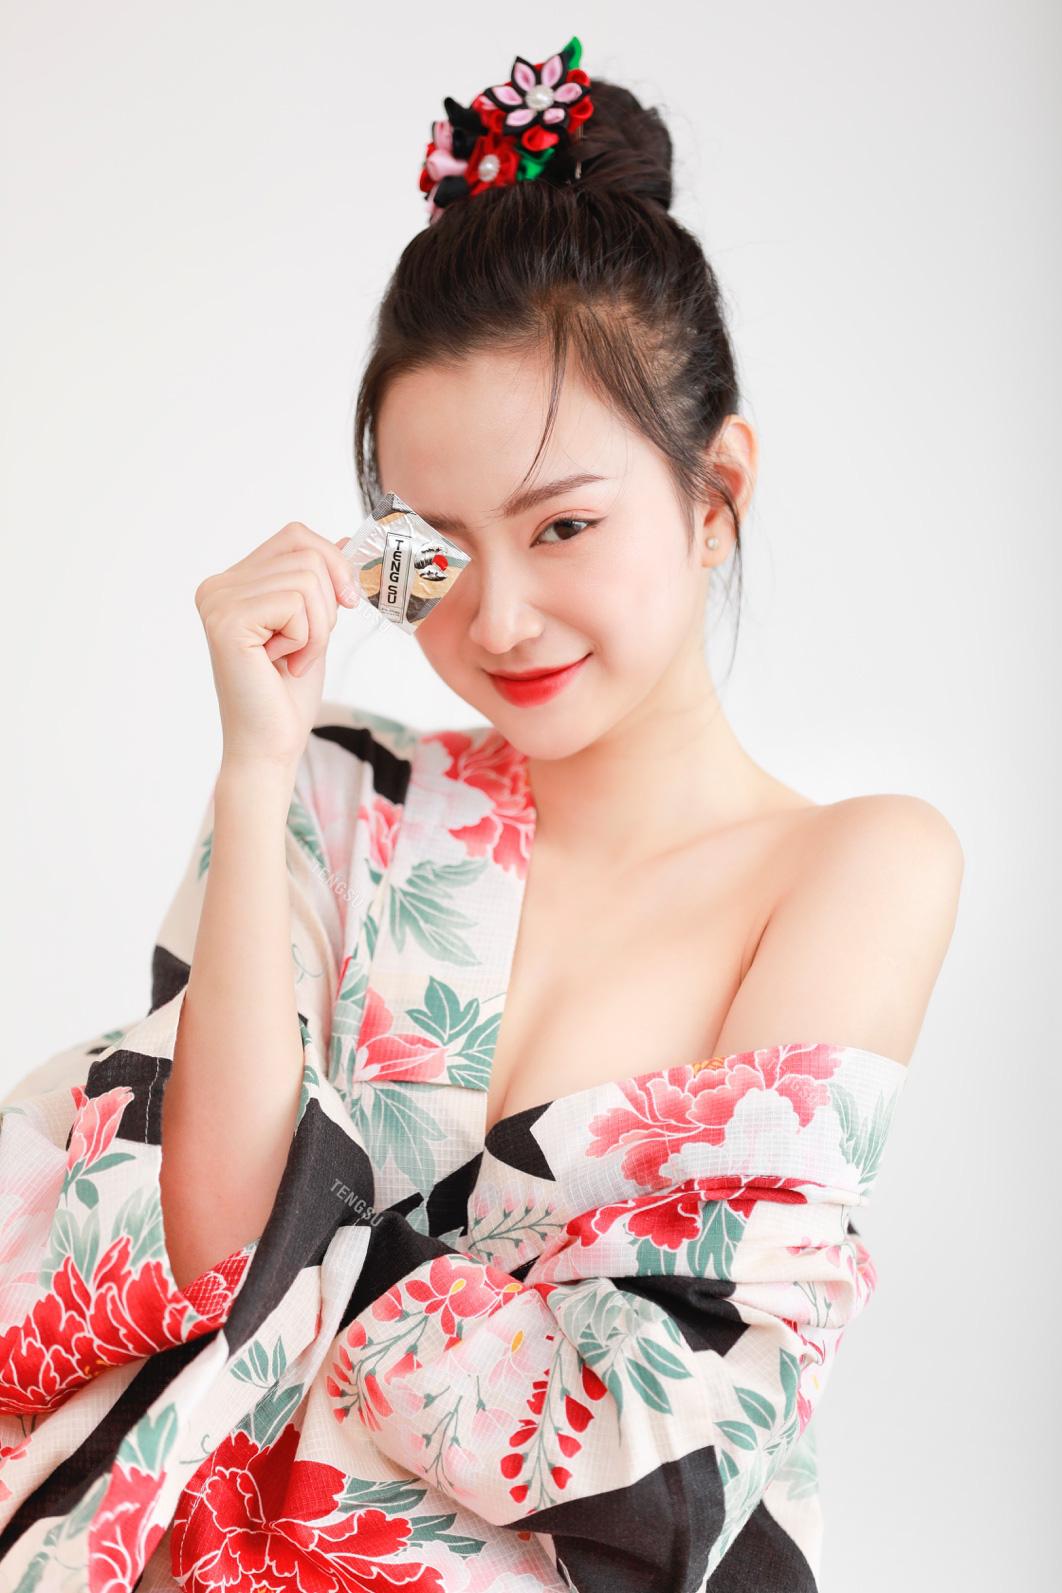 Bóng hồng streamer sinh năm 1999 lần đầu mặc kimono nóng bỏng, ai nấy đều ngỡ ngàng vì quá xinh - Ảnh 5.